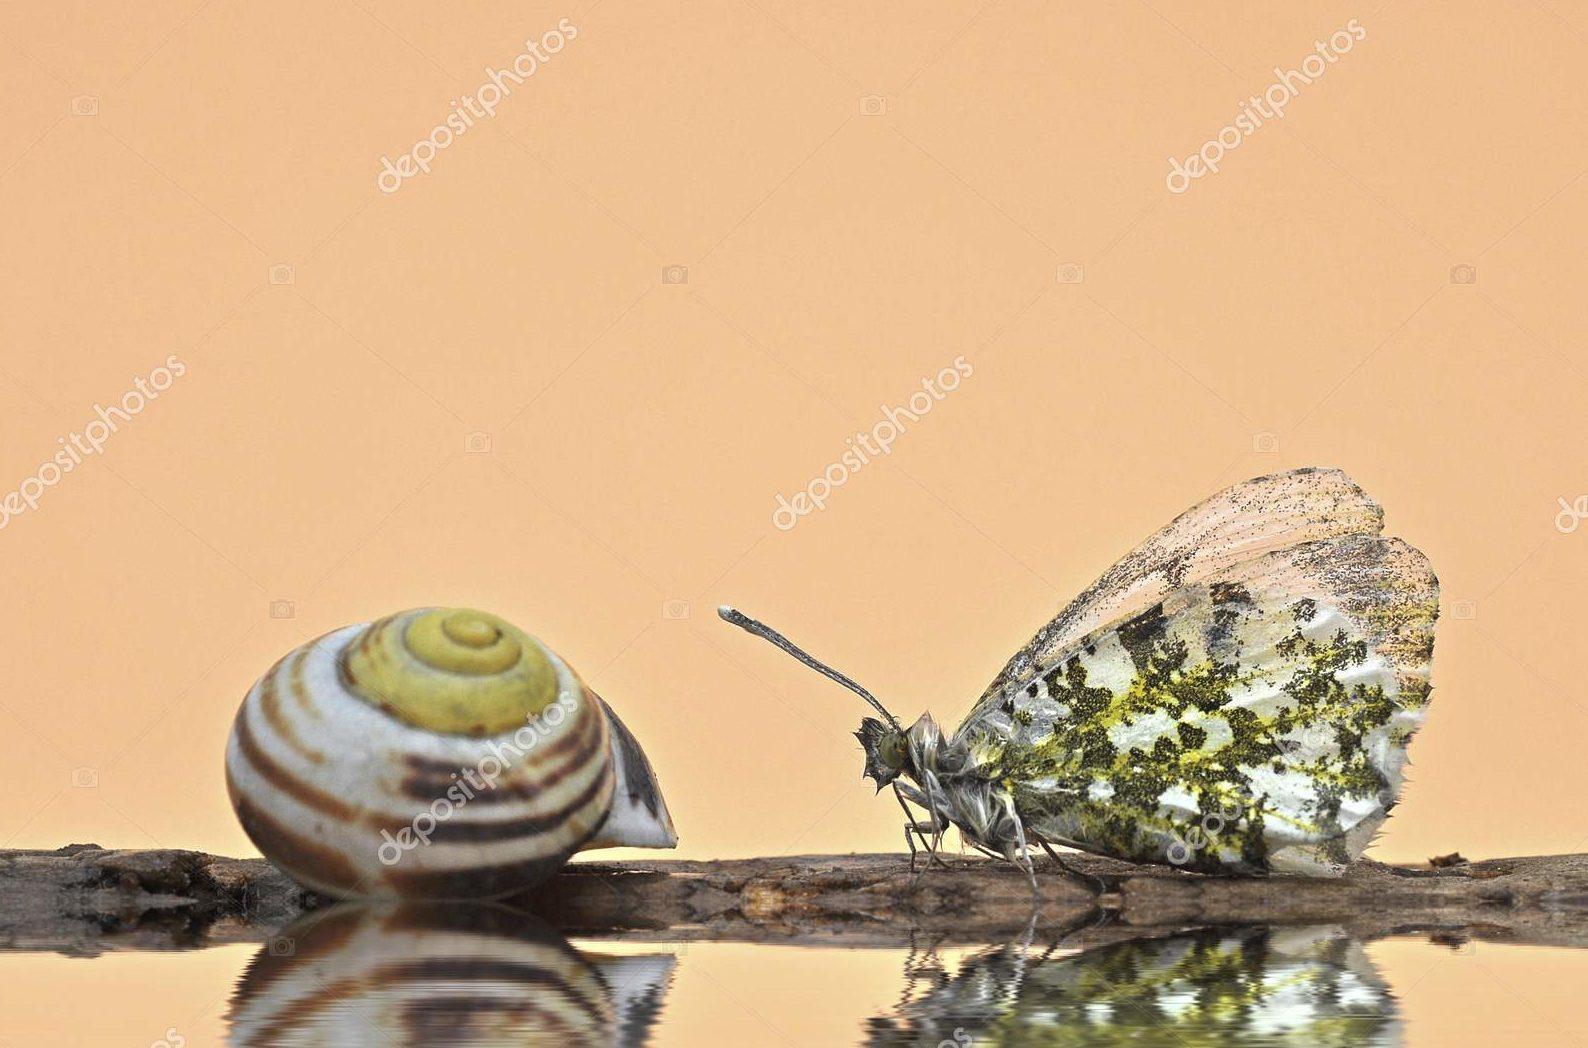 Бабочка с раковиной улитки